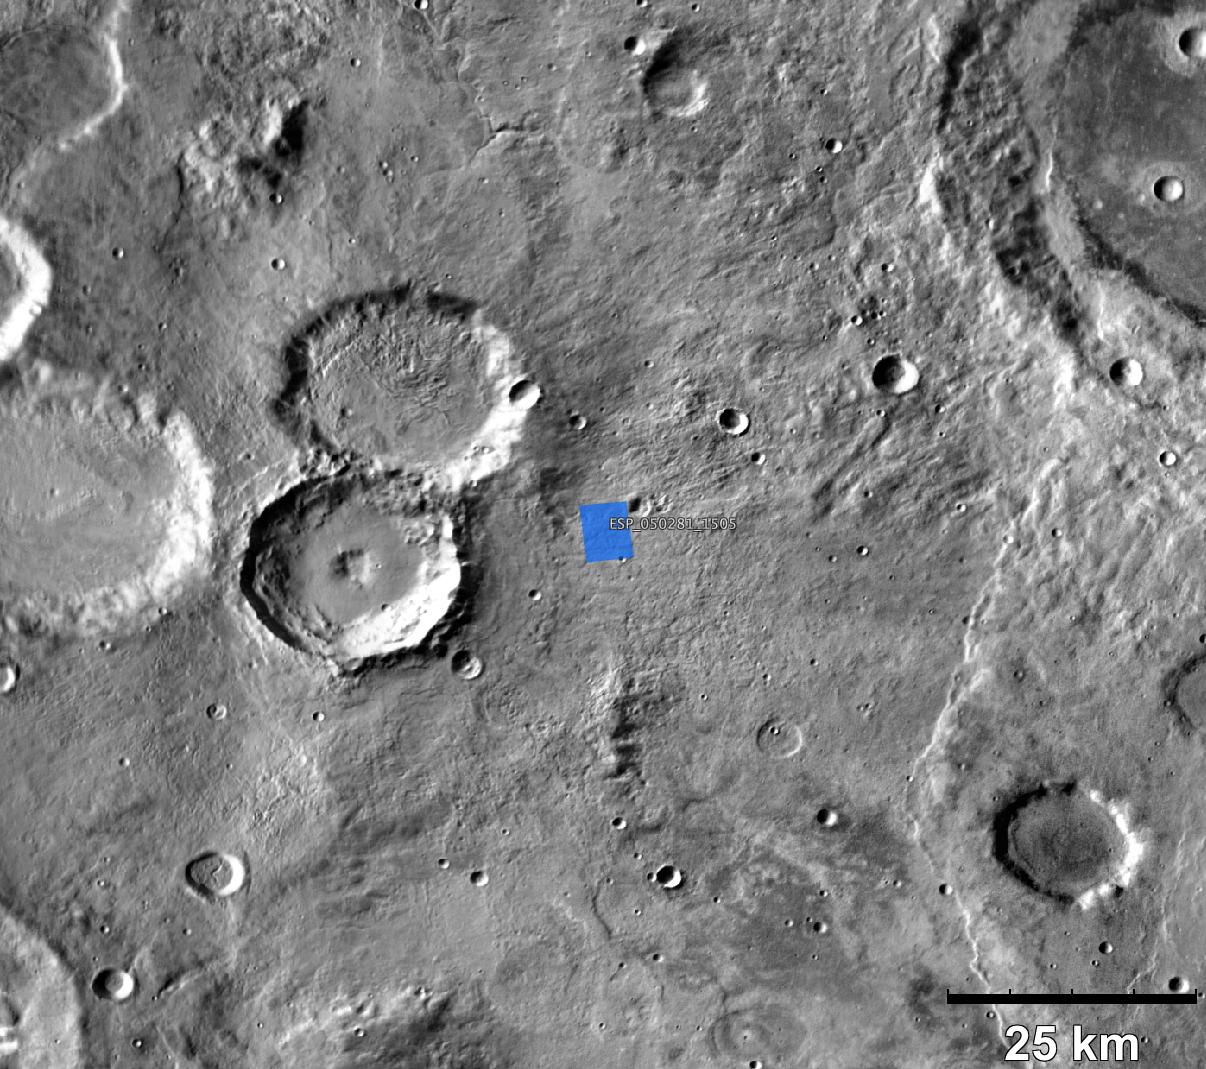 Valles Marineris: The Grand Canyon of Mars | NASA